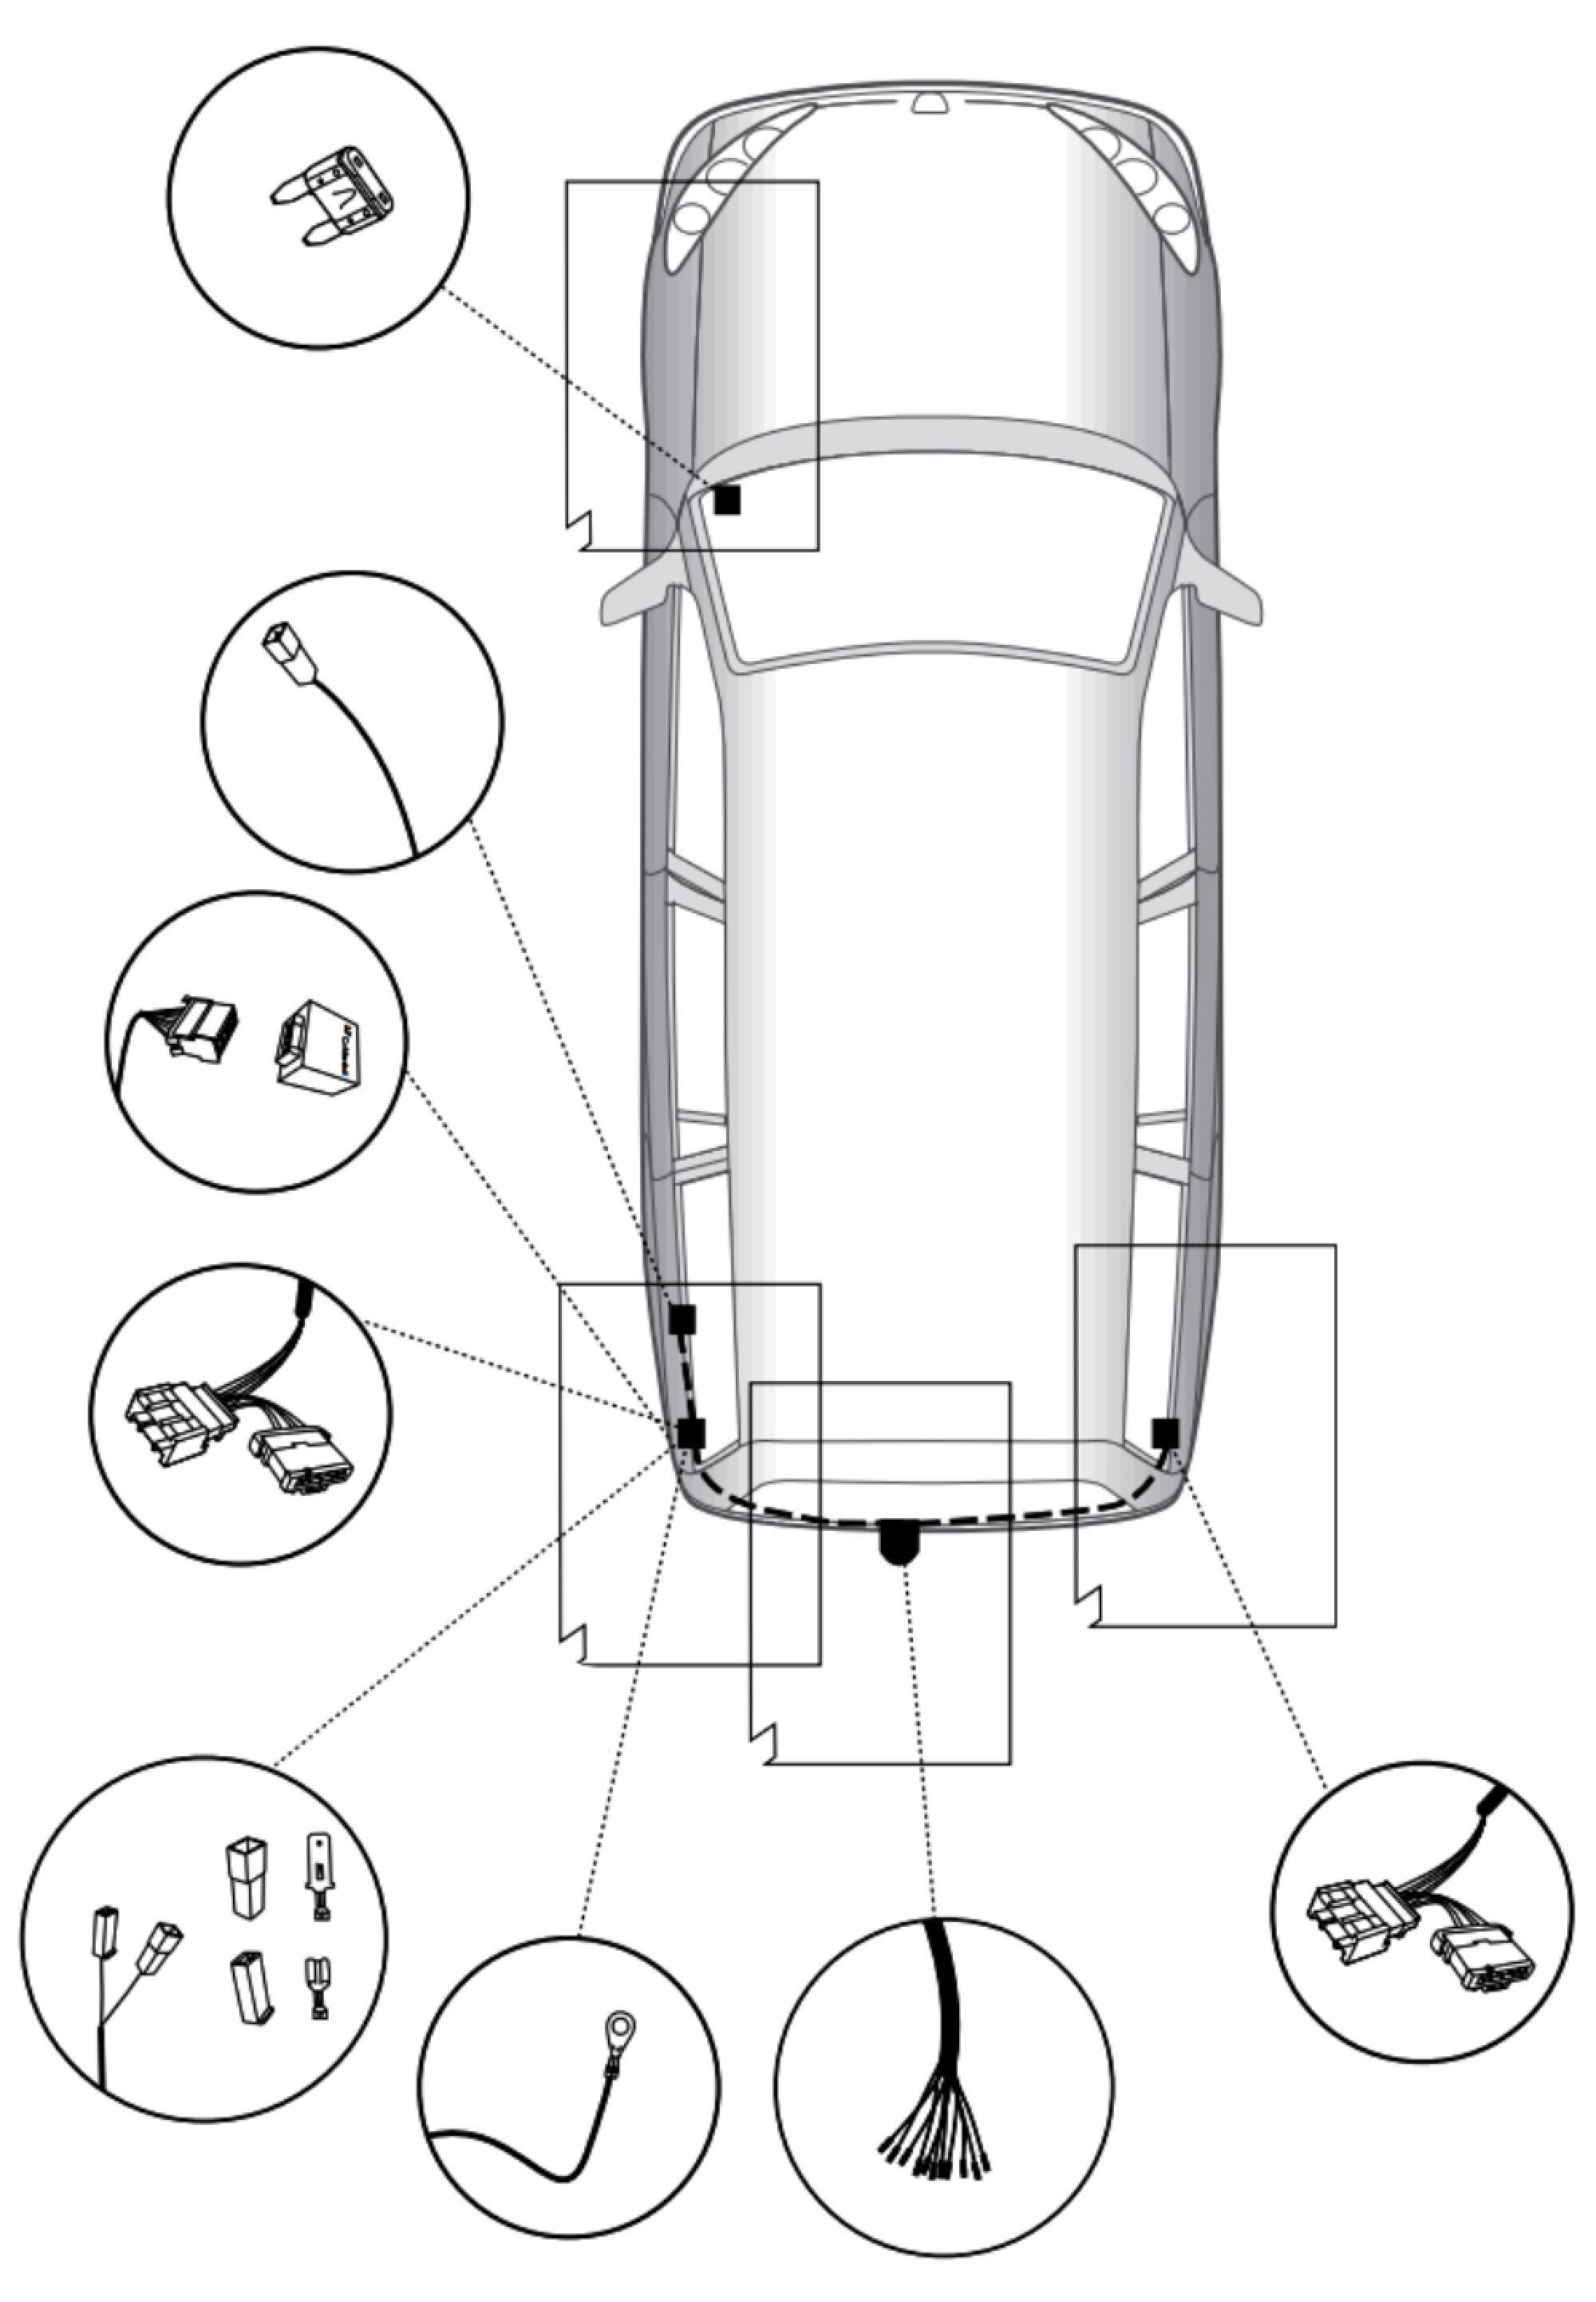 Hook Anhängerkupplung für Dacia Sandero Fliessheck ab 16 starr 7pol spezifisch